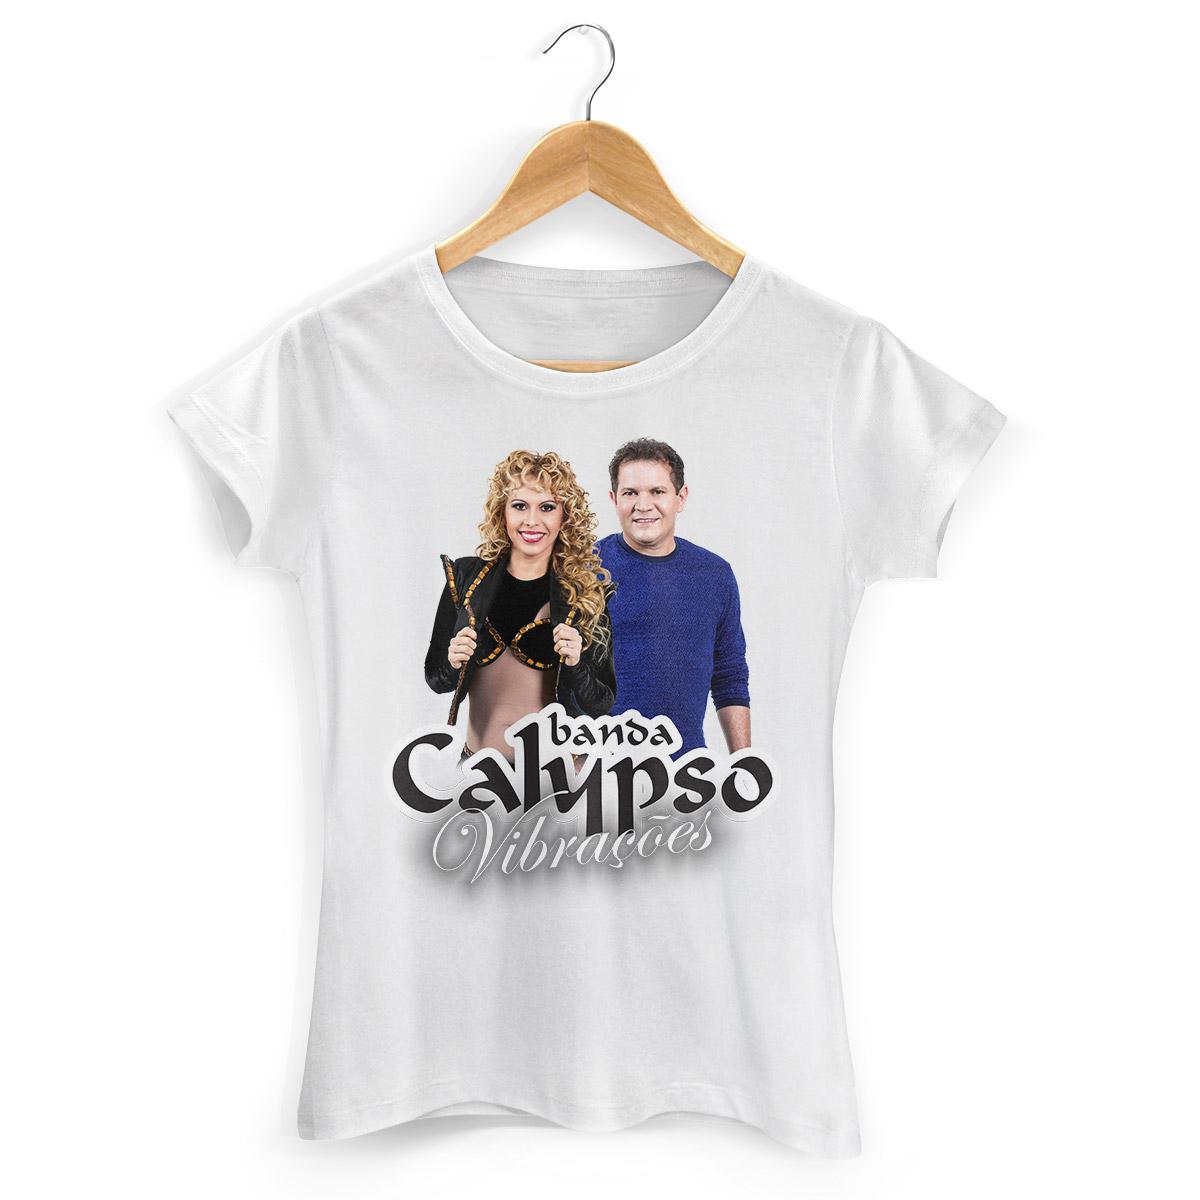 Camiseta Feminina Calypso Vibrações Capa